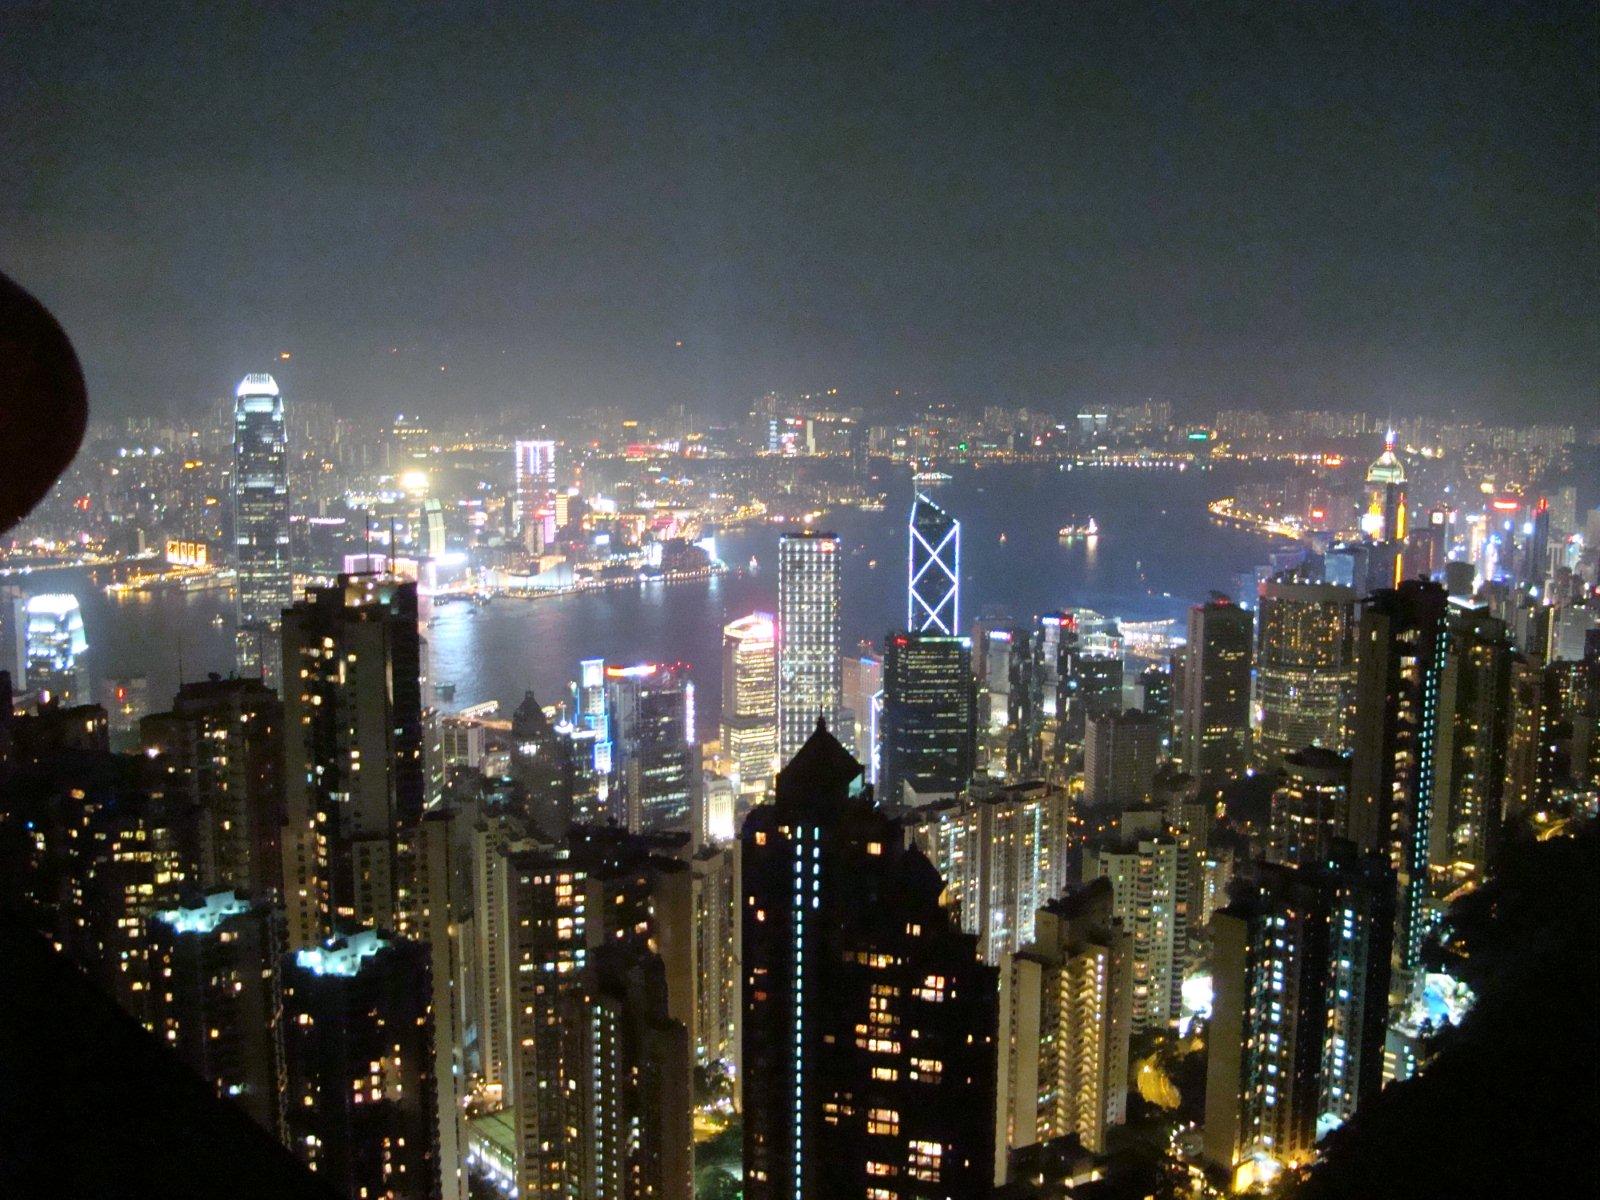 山頂纜車&太平山夜景@中環 - Disney&Tiffany@香港HK - Chris's Space